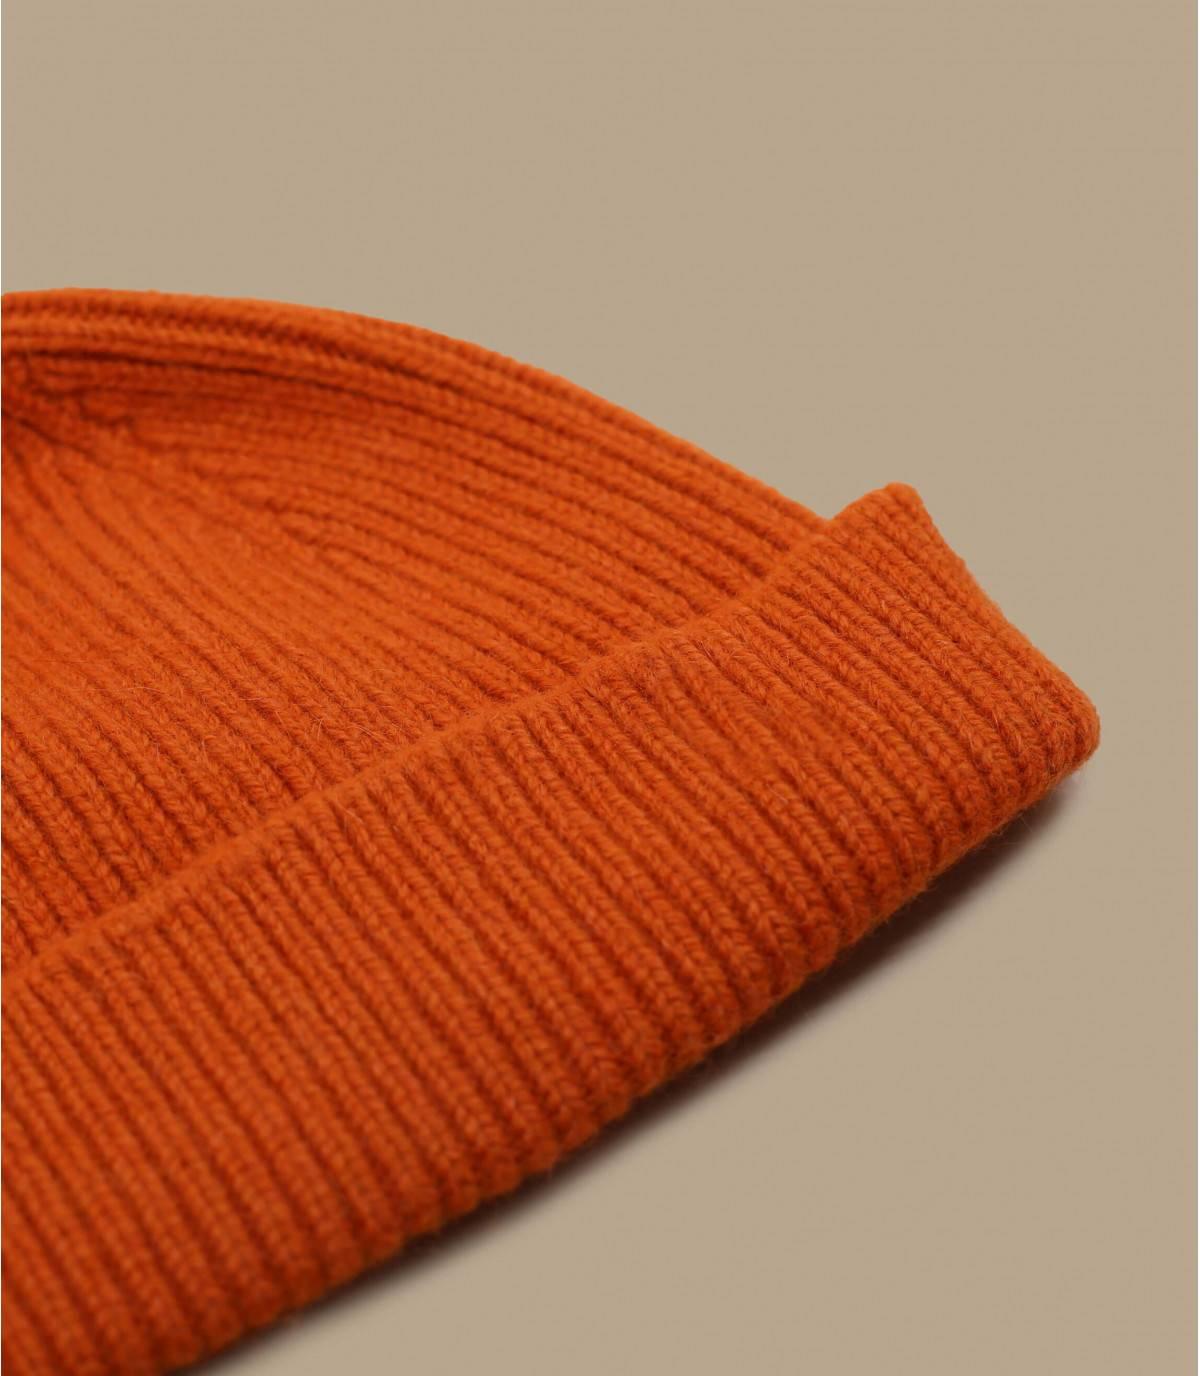 cappello docker arancione lana d'angora